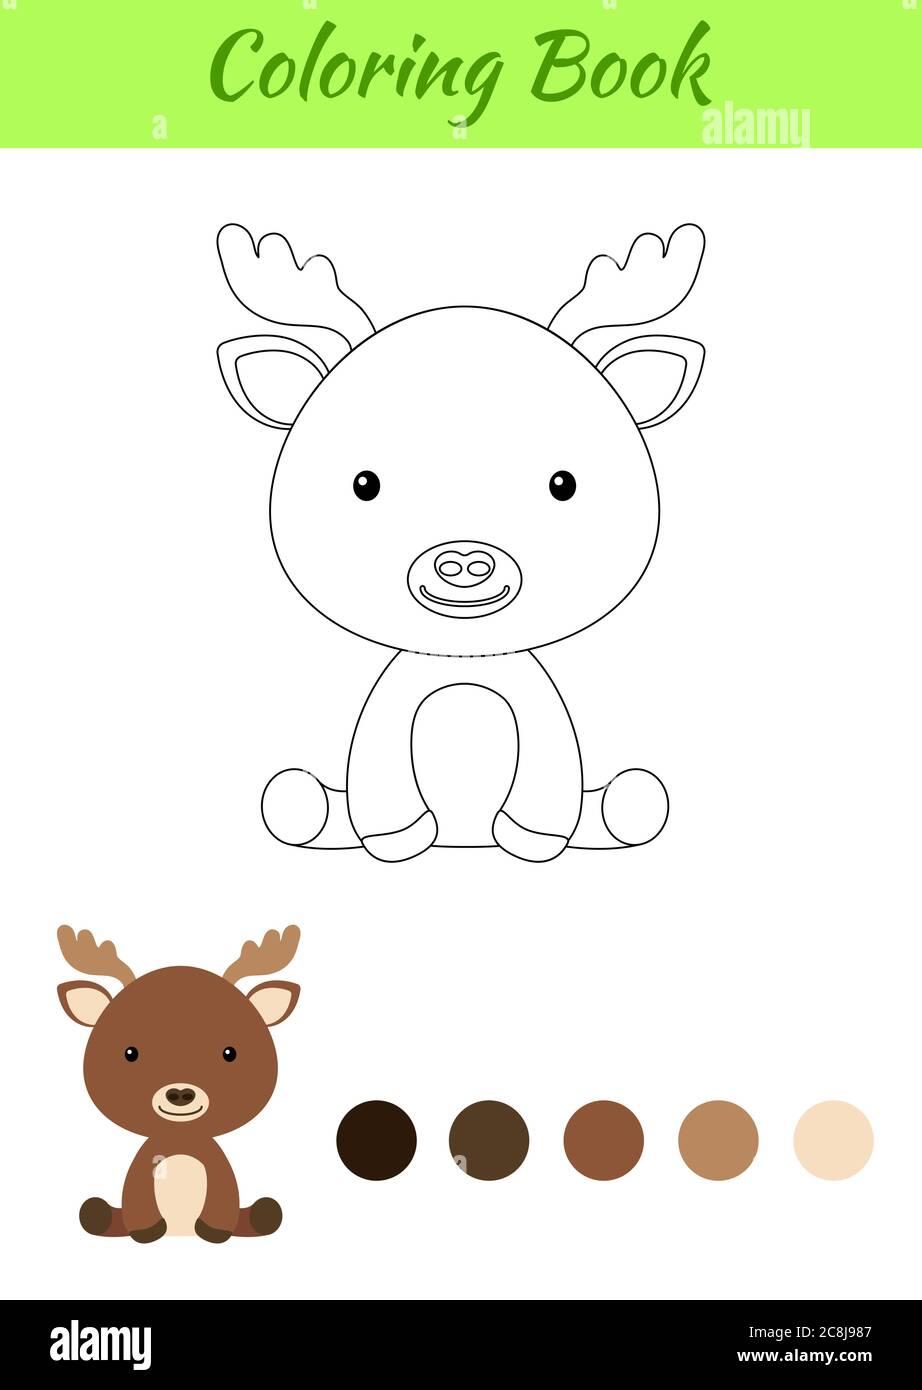 Malvorlagen kleine sitzende Elch. Bild für Kinder. Pädagogische